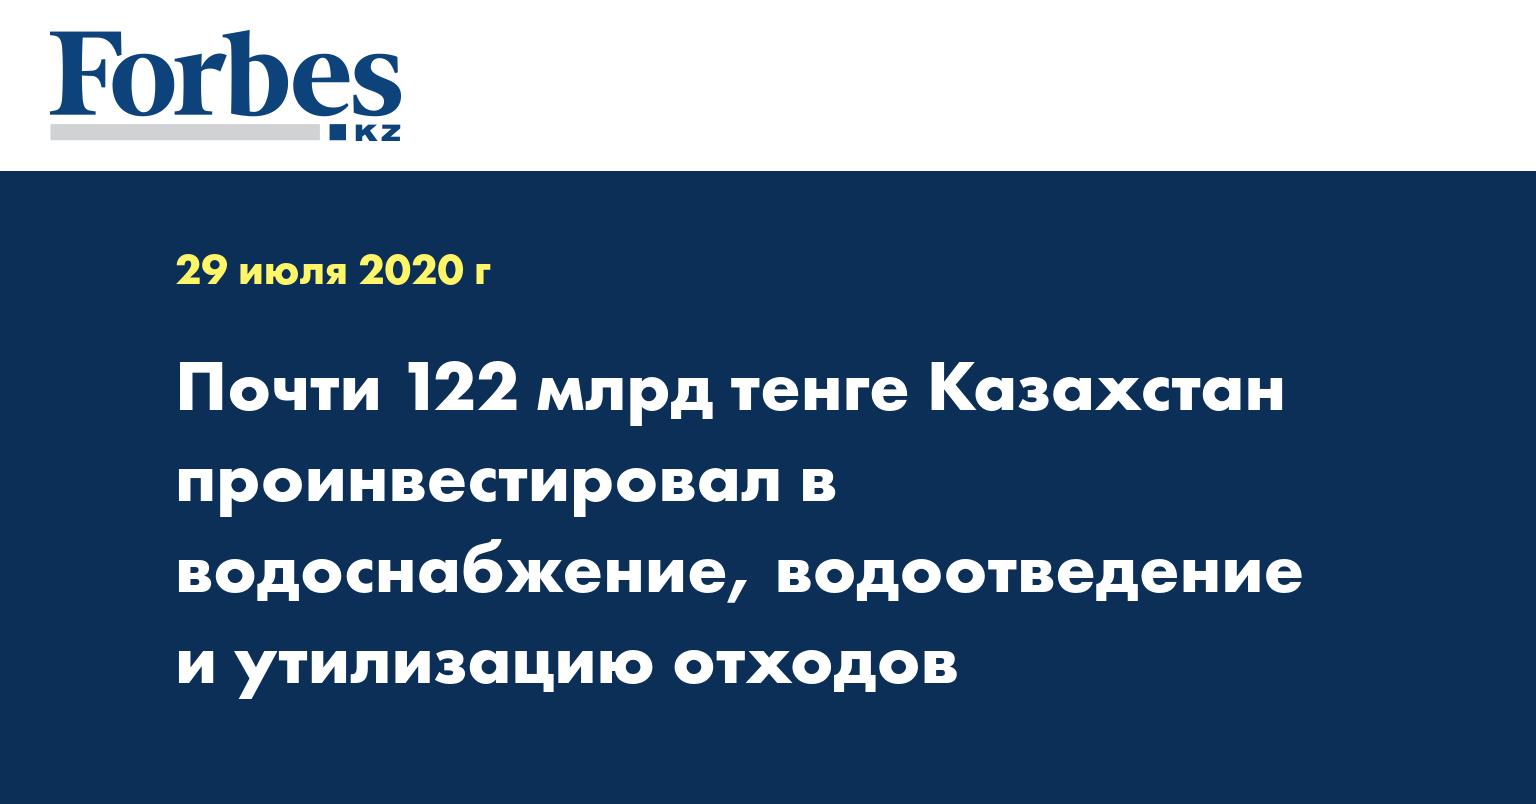 Почти 122 млрд тенге Казахстан проинвестировал в водоснабжение, водоотведение и утилизацию отходов